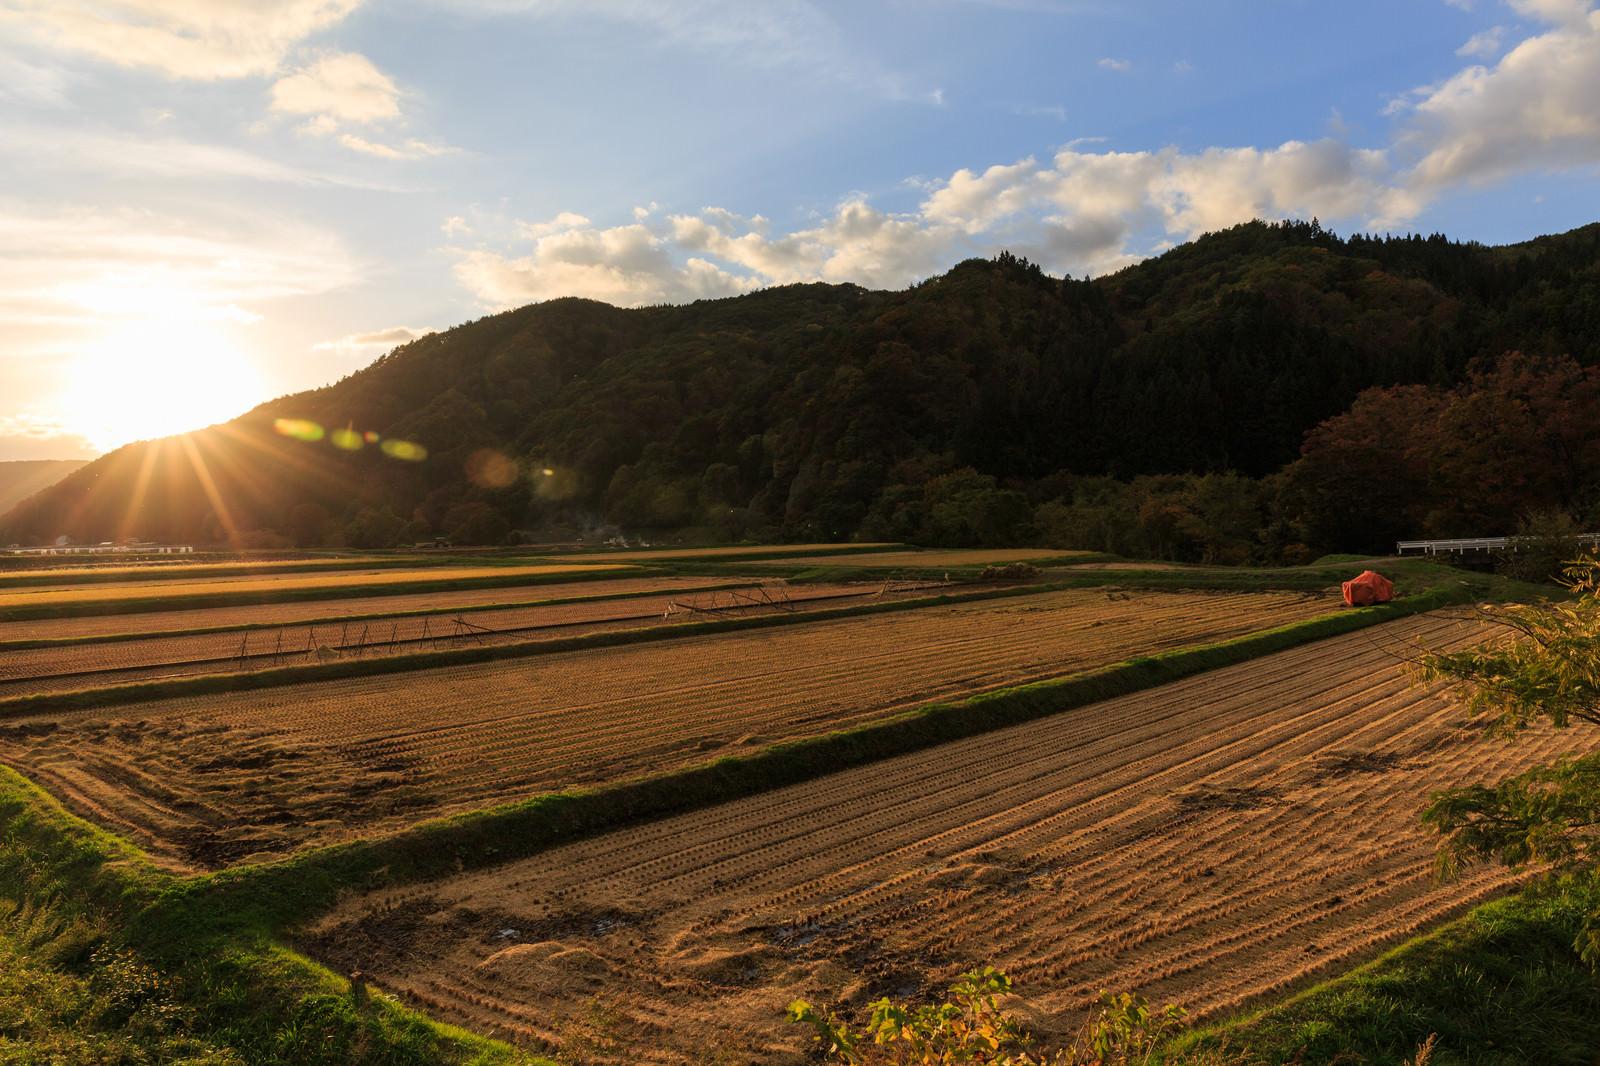 「稲刈り後の田んぼ(夕焼け)」の写真